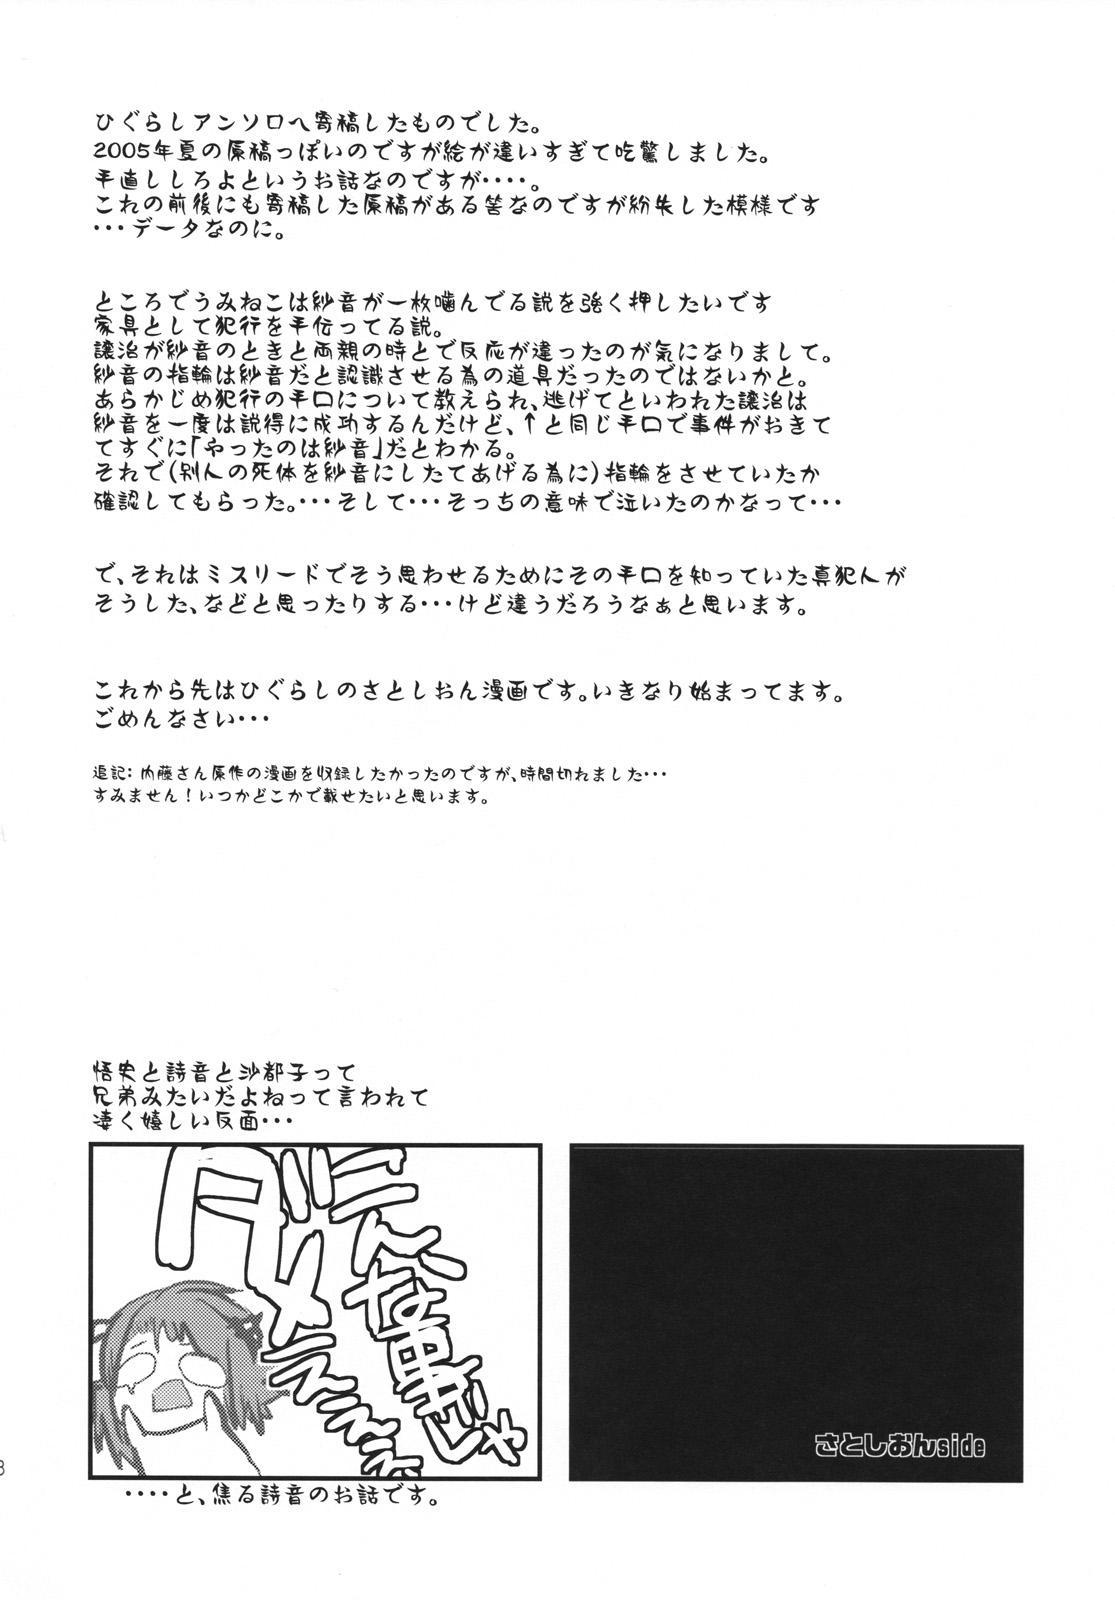 Umineko sono higurashi 16